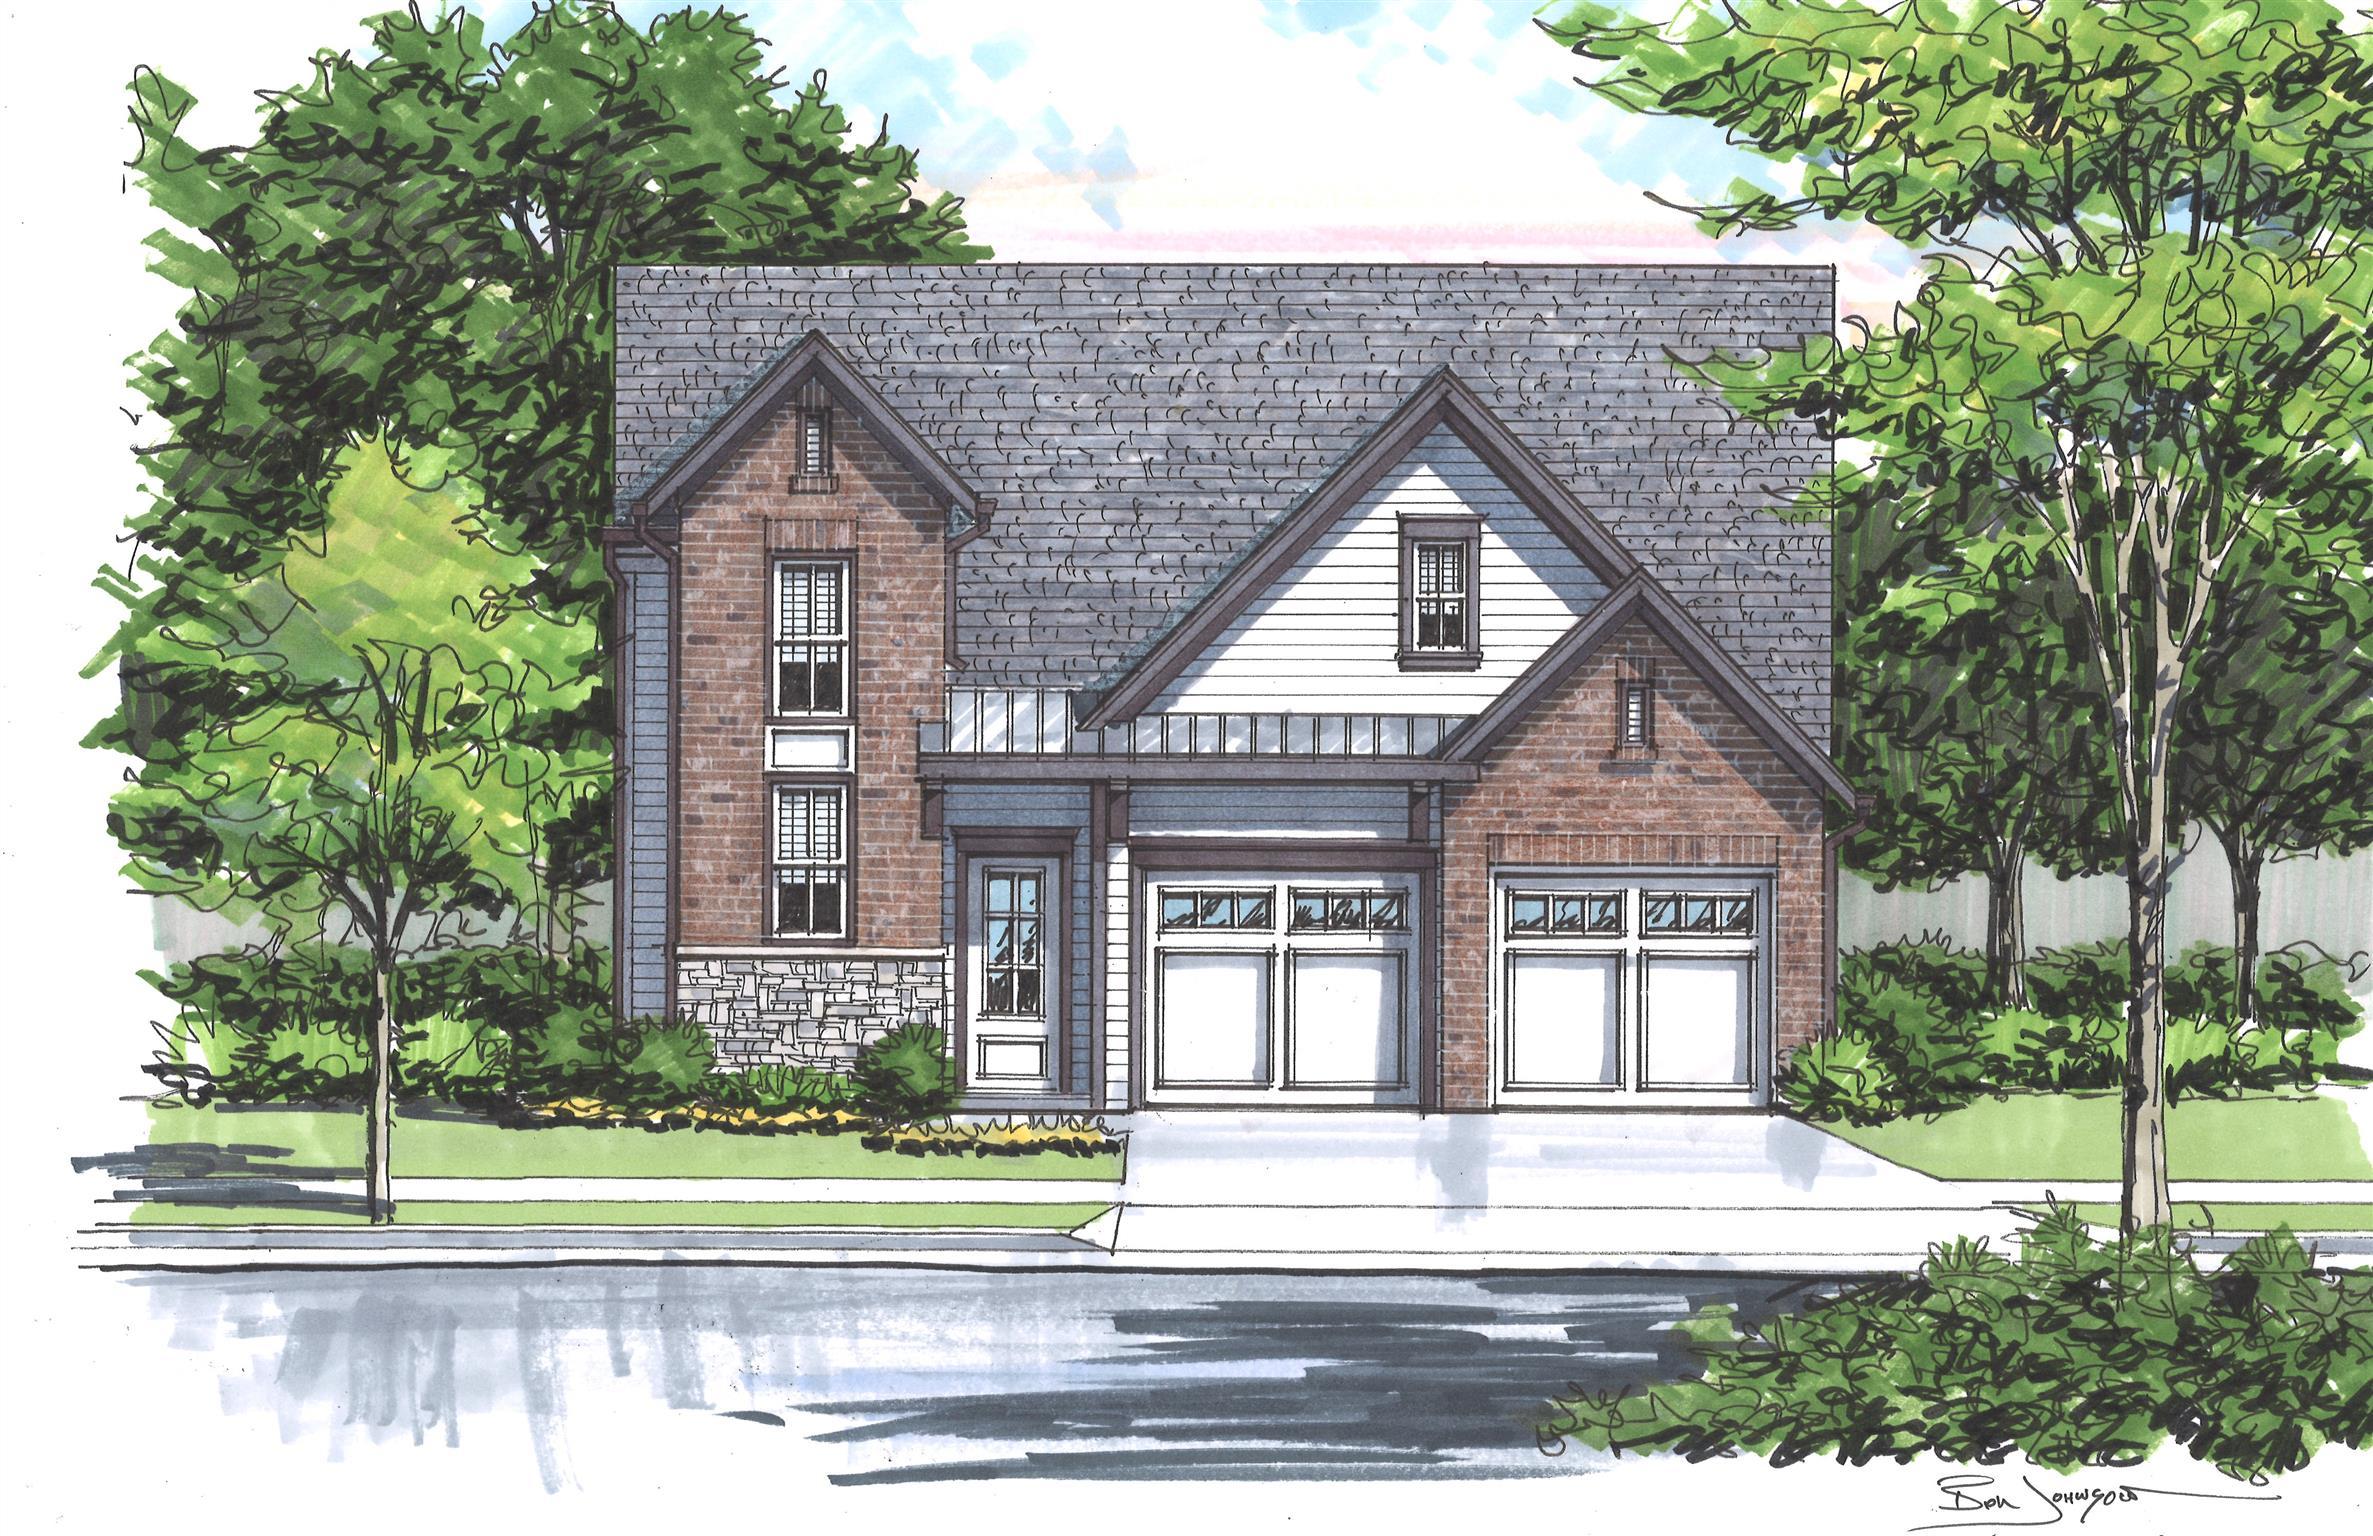 0 Caroline Farms Drive 52, Murfreesboro, TN 37129 - Murfreesboro, TN real estate listing